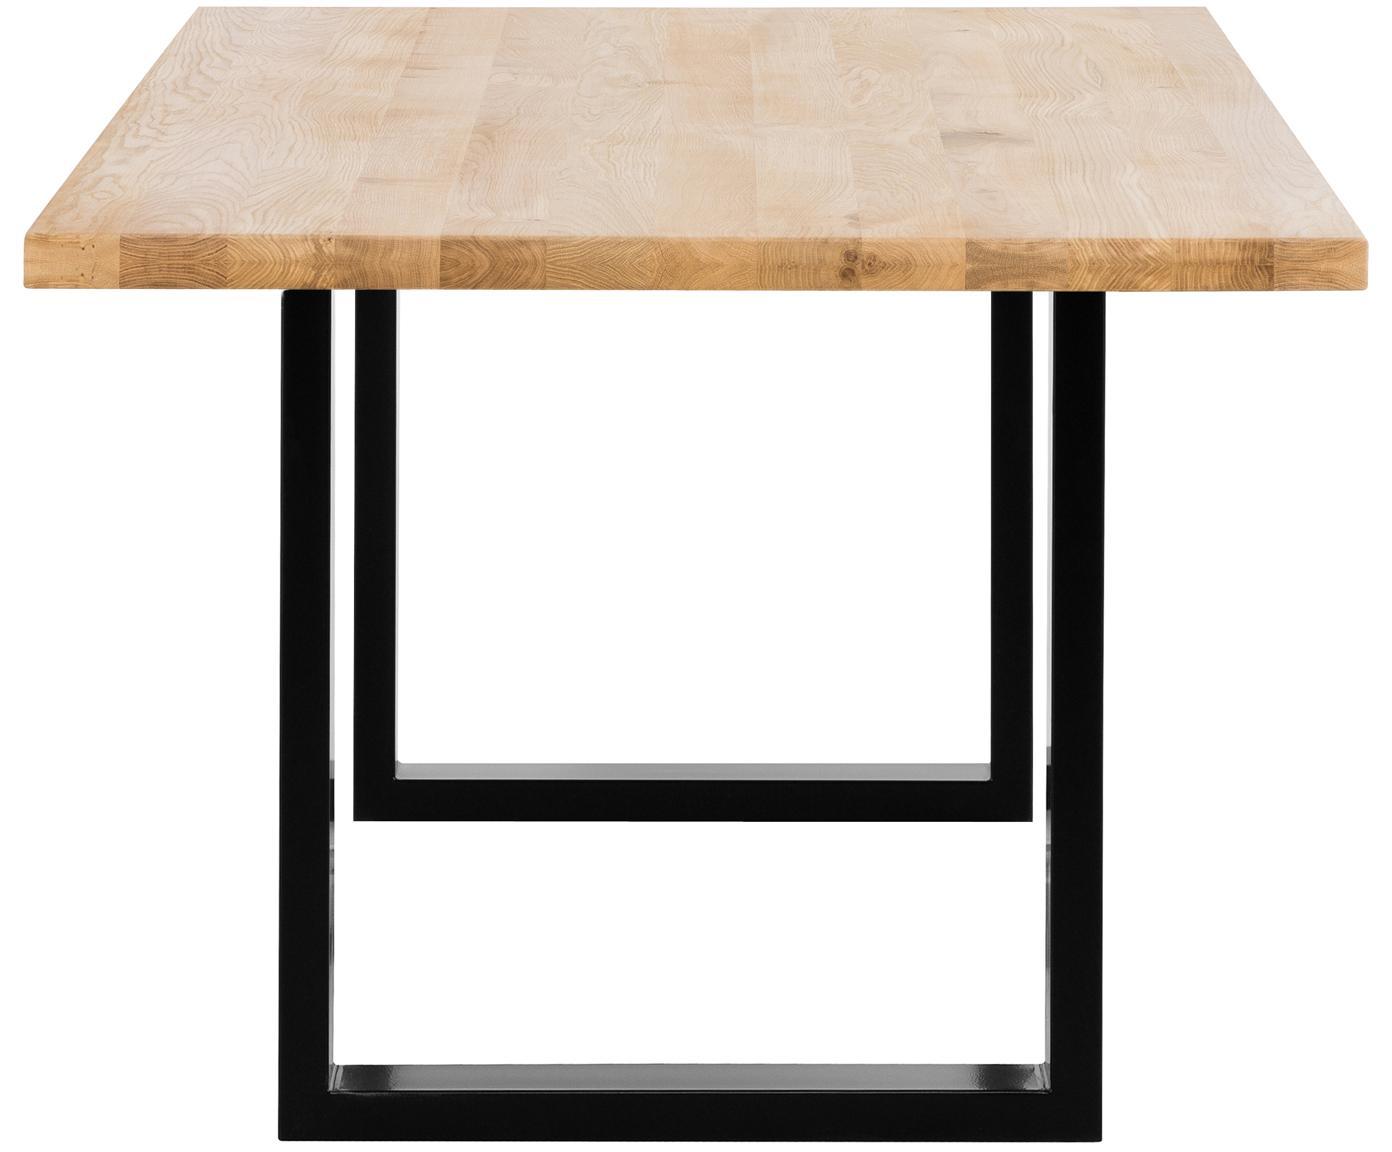 Stół do jadalni  z litego drewna Oliver, Blat: europejskie, dzikie lite , Nogi: stal lakierowana matowo, Blat: drewno dębowe Nogi: czarny, matowy, S 180 x G 90 cm